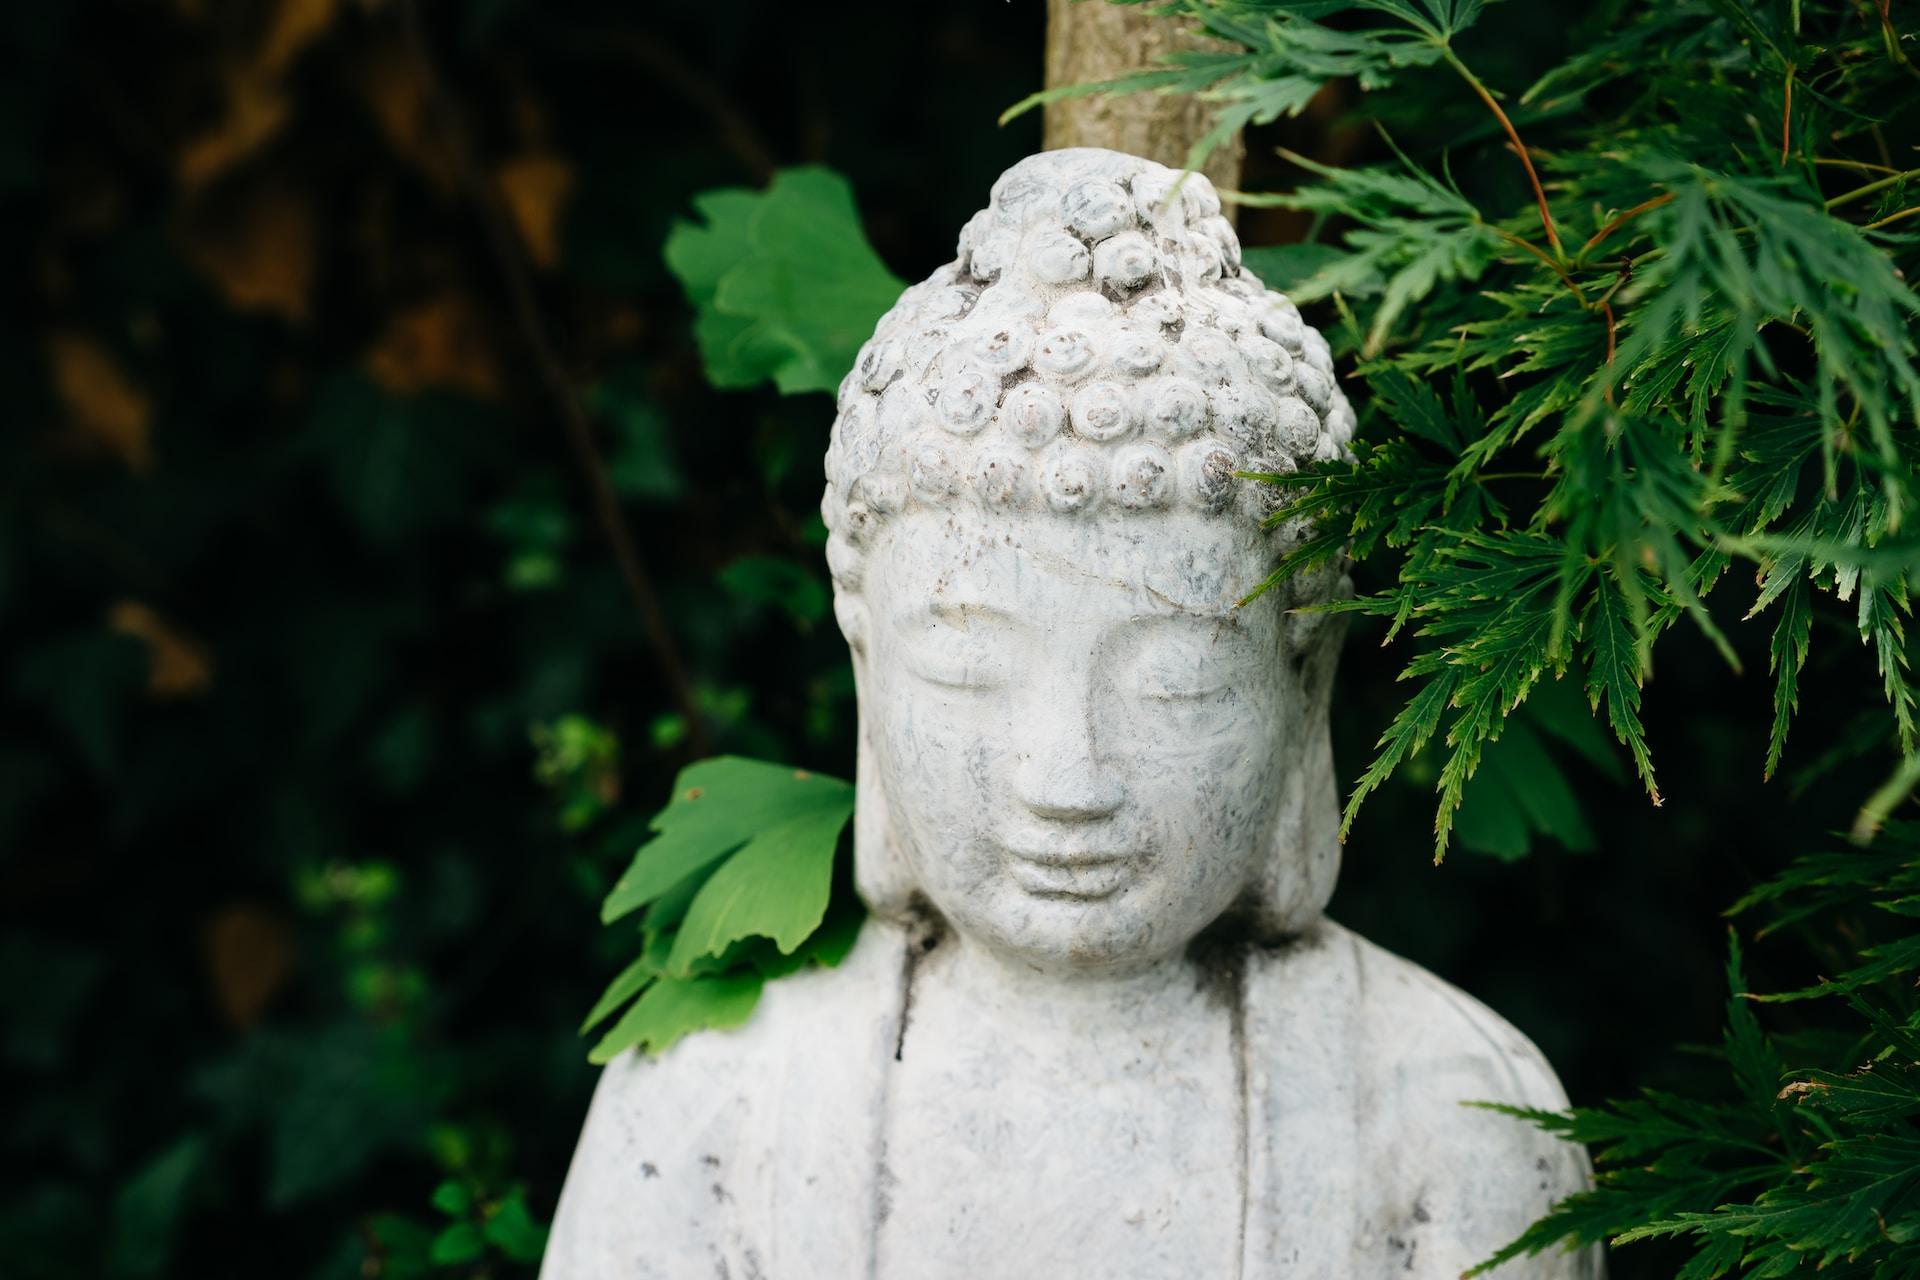 white concrete statue near green plant